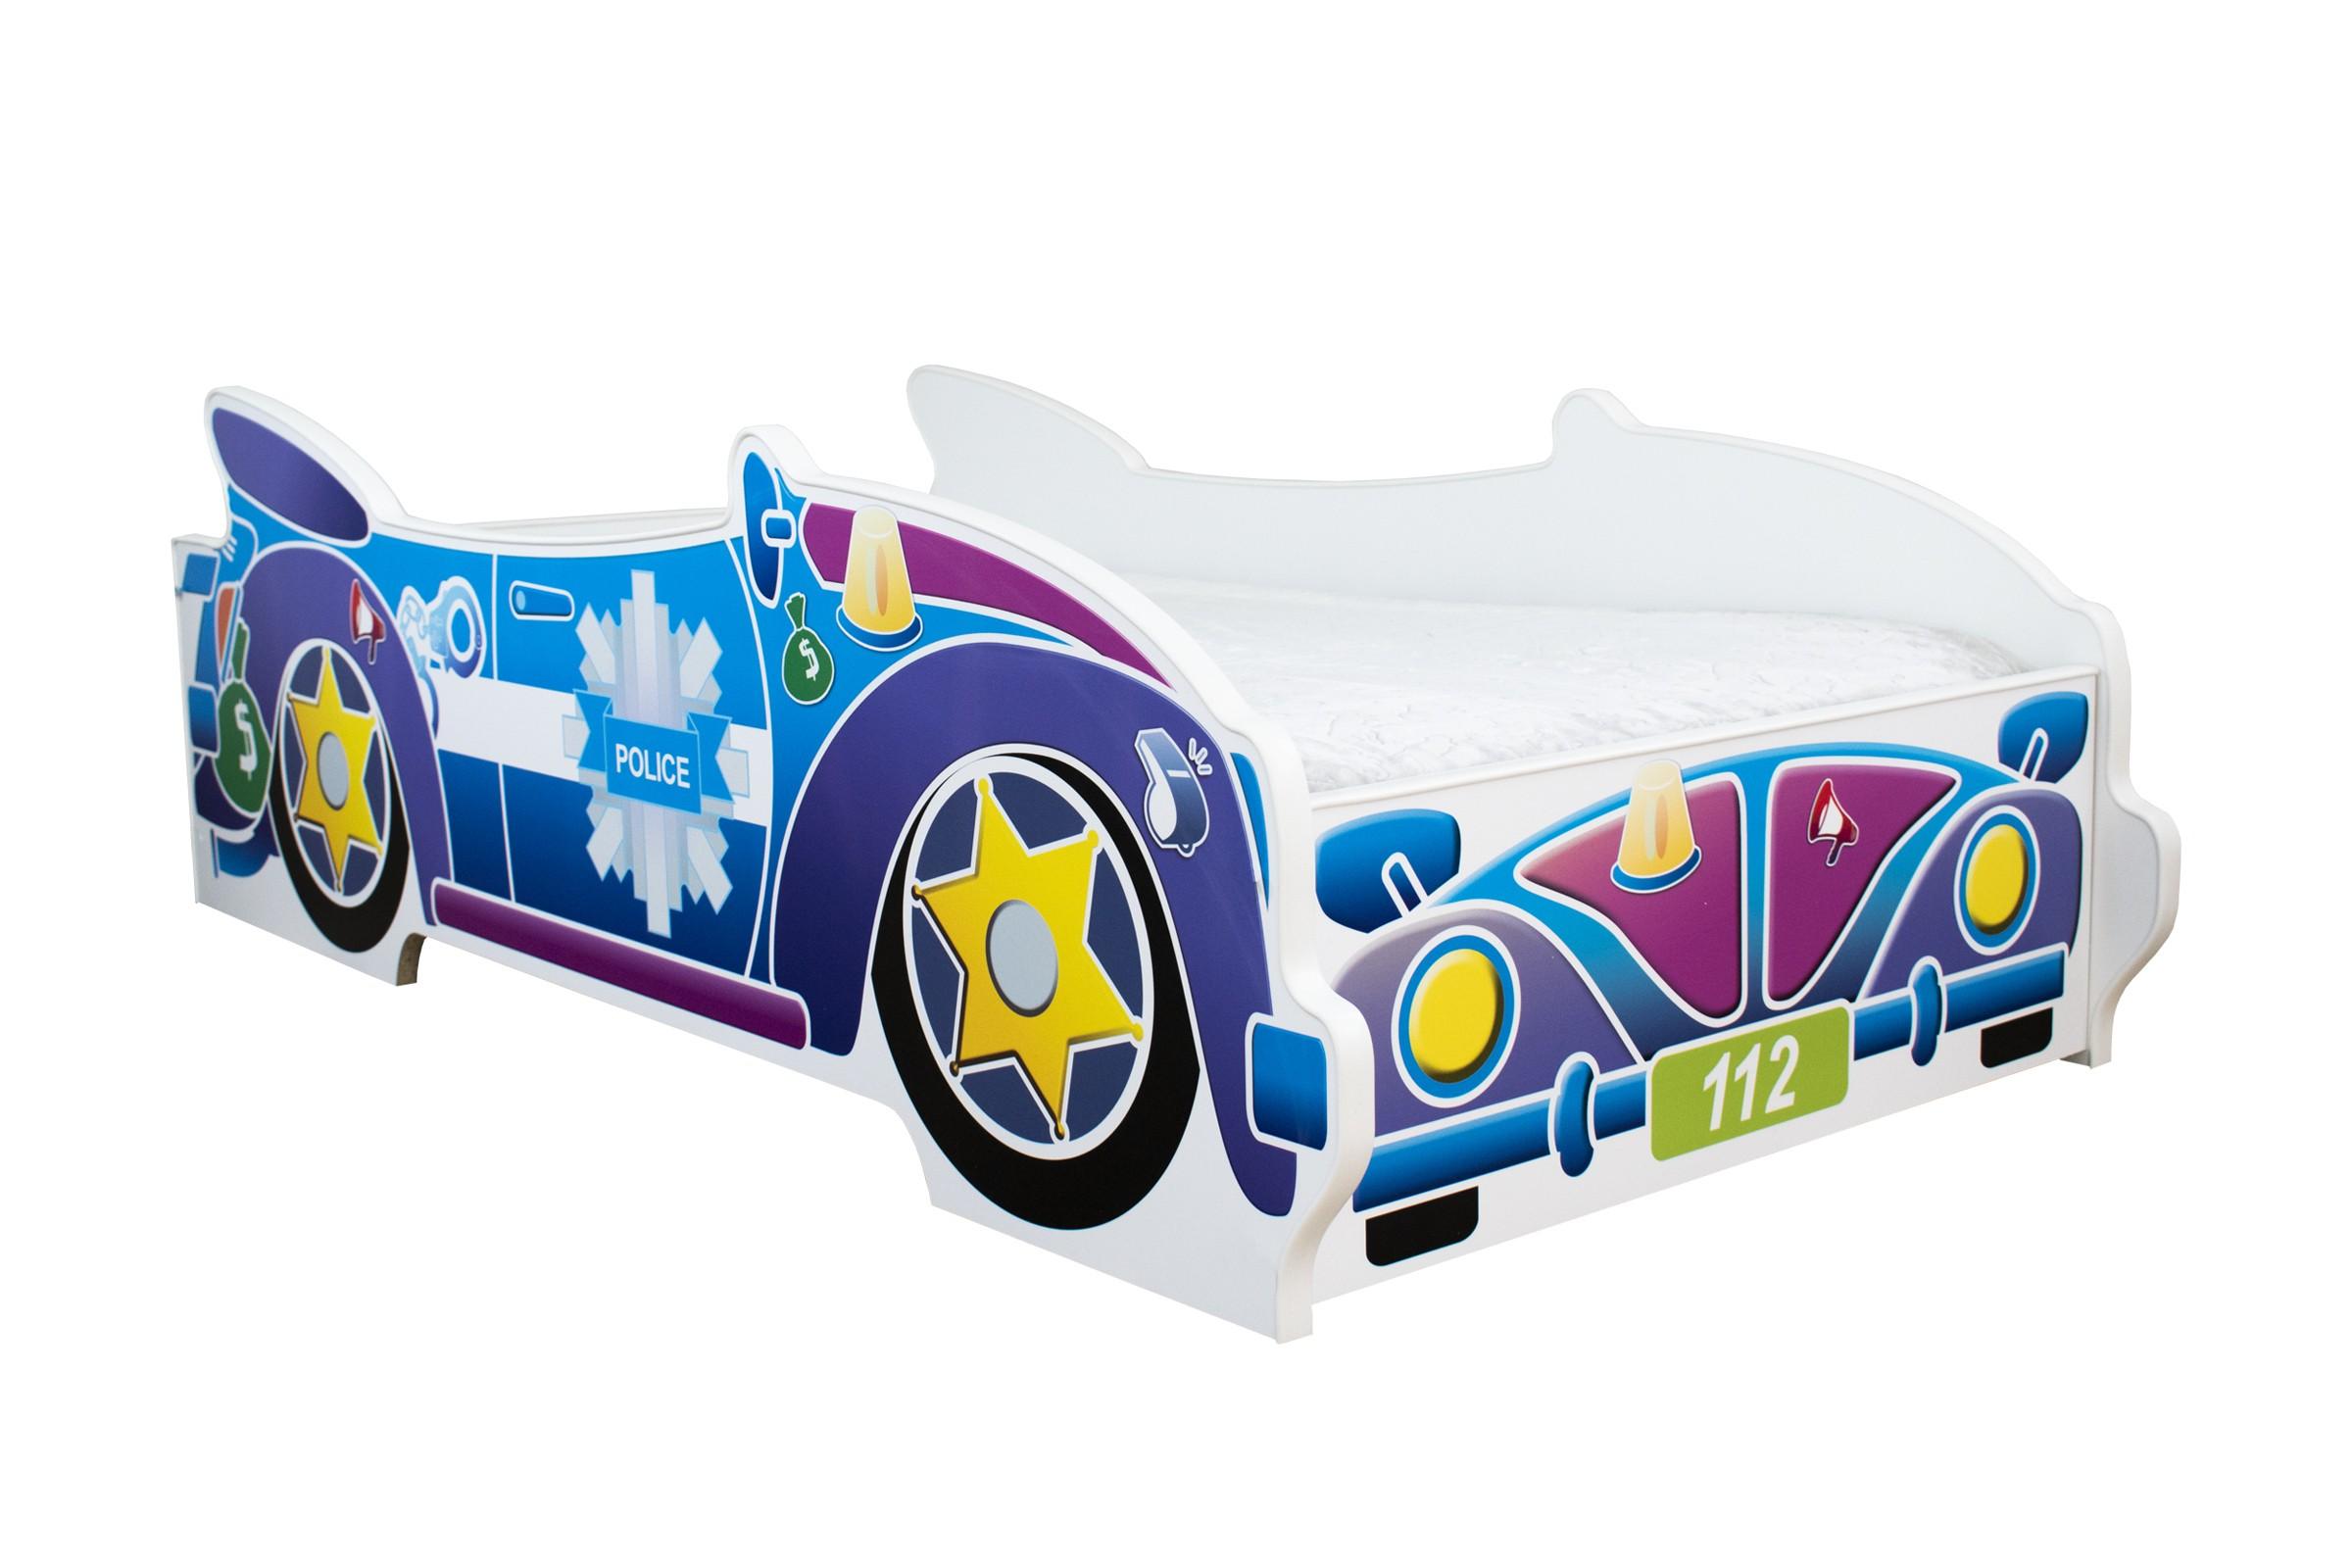 Peuterbed Top Beds Cabriolet 140x70 Politie Inclusief Matras